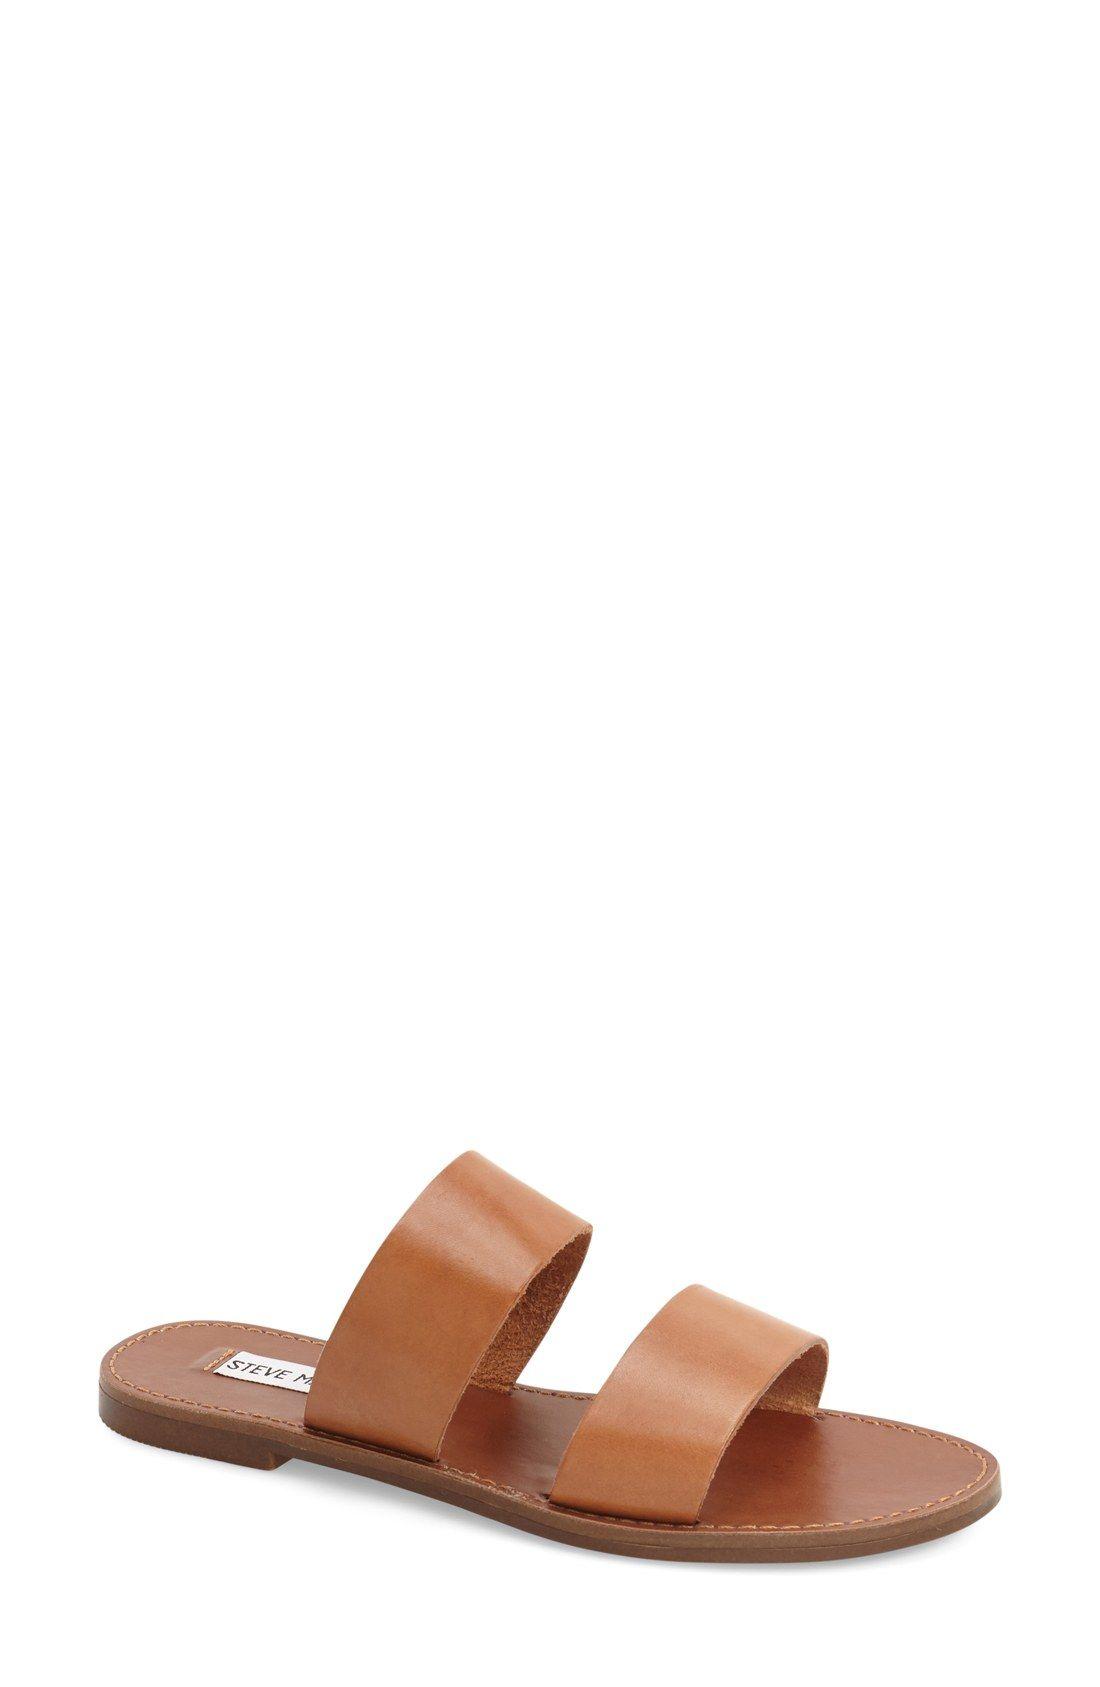 65548f7c1ae Steve Madden 'D-Band' Leather Slide Sandal (Women) | Nordstrom ...